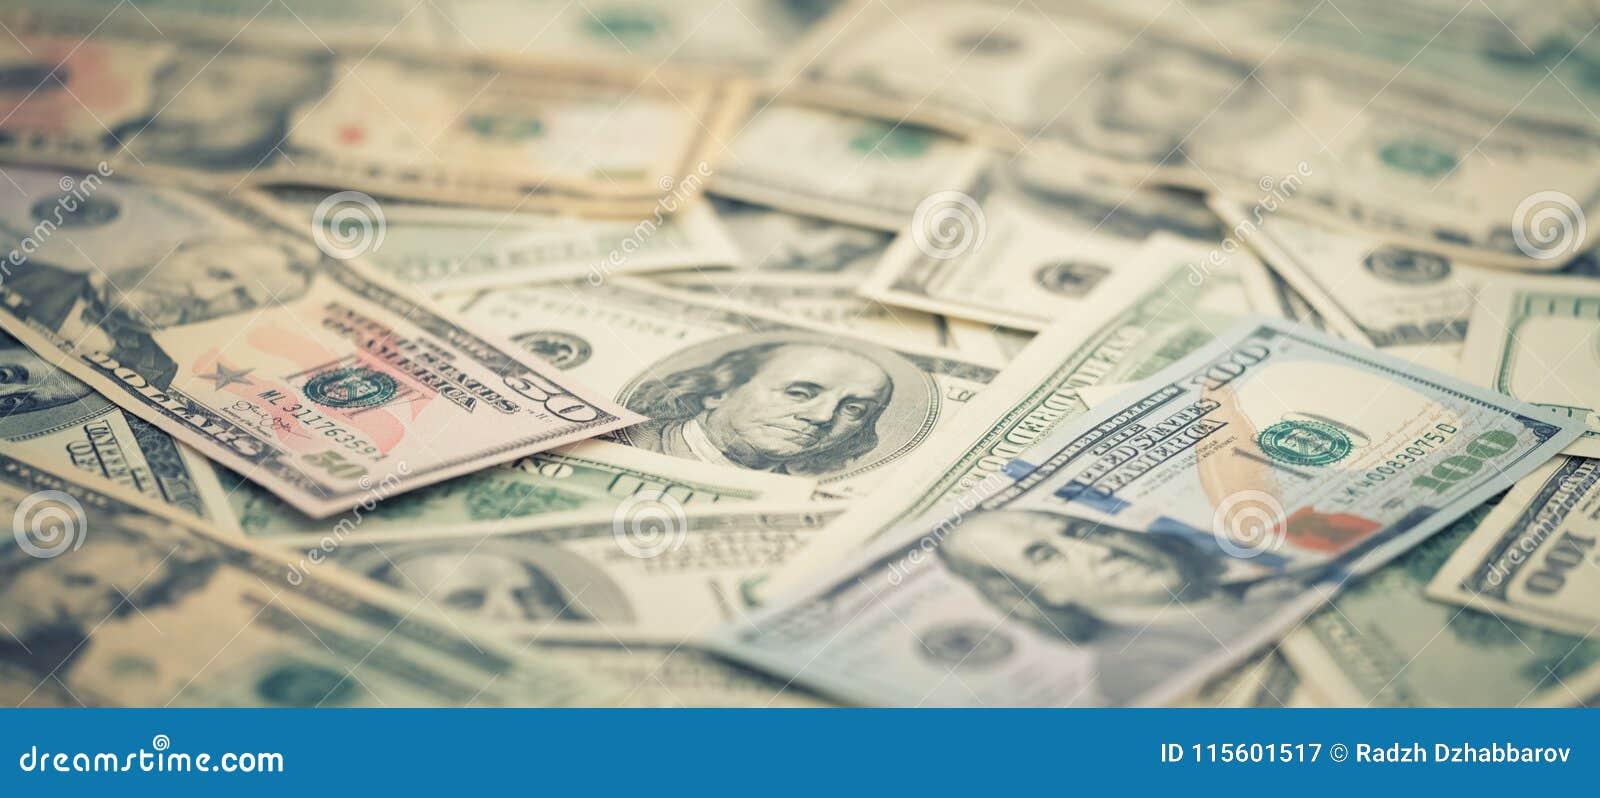 Wallpaper el dinero americano 5,10, 20, 50, nuevo de la serie del primer billete de dólar 100 Billete de banco macro de los E.E.U